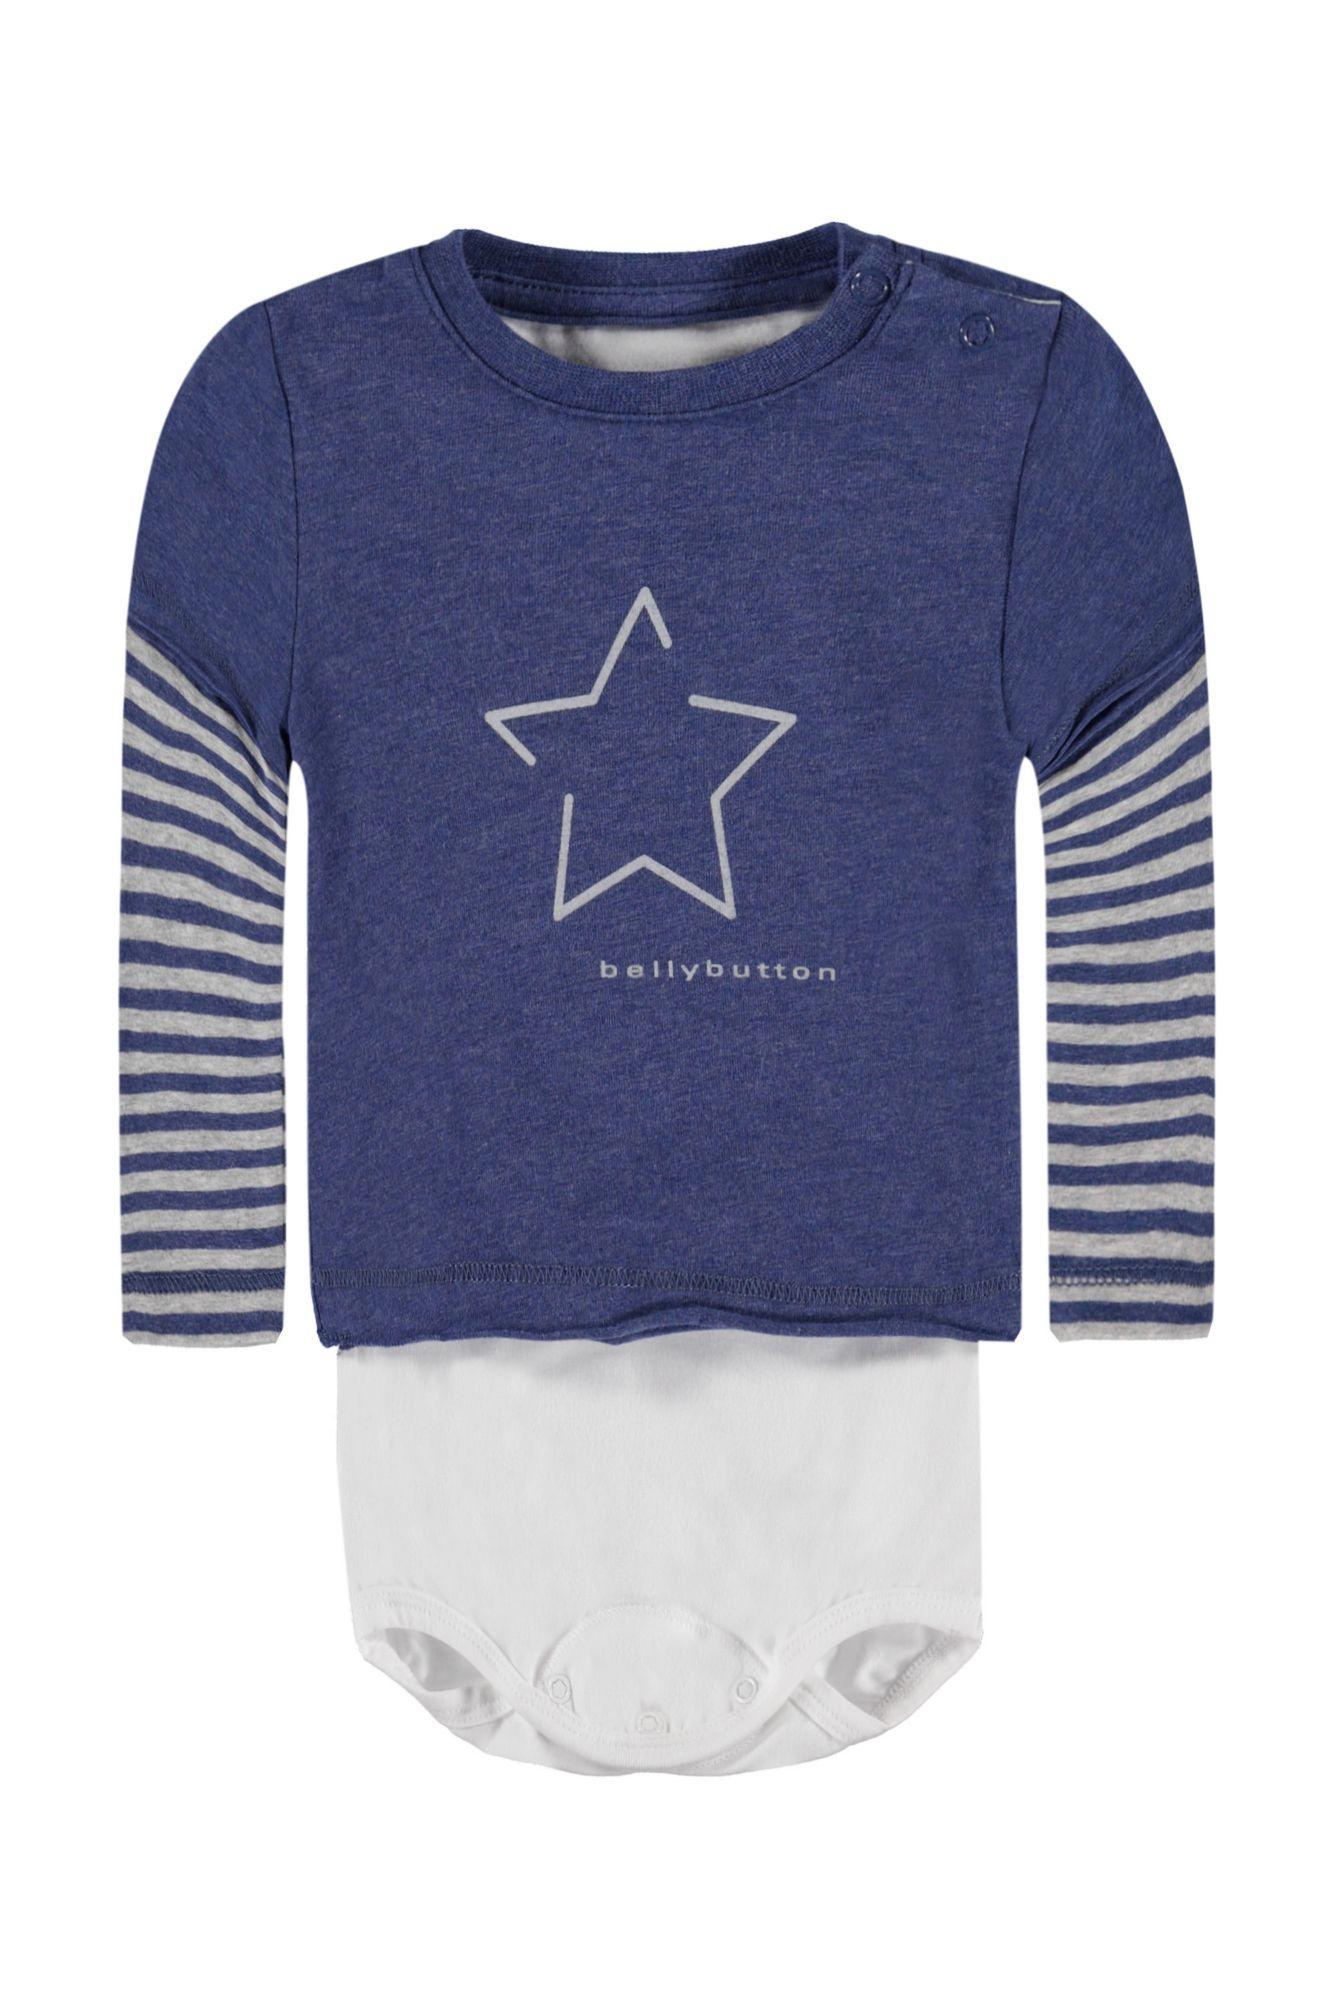 BELLYBUTTON  2in1 Body mit Shirt, Stern und Streifen